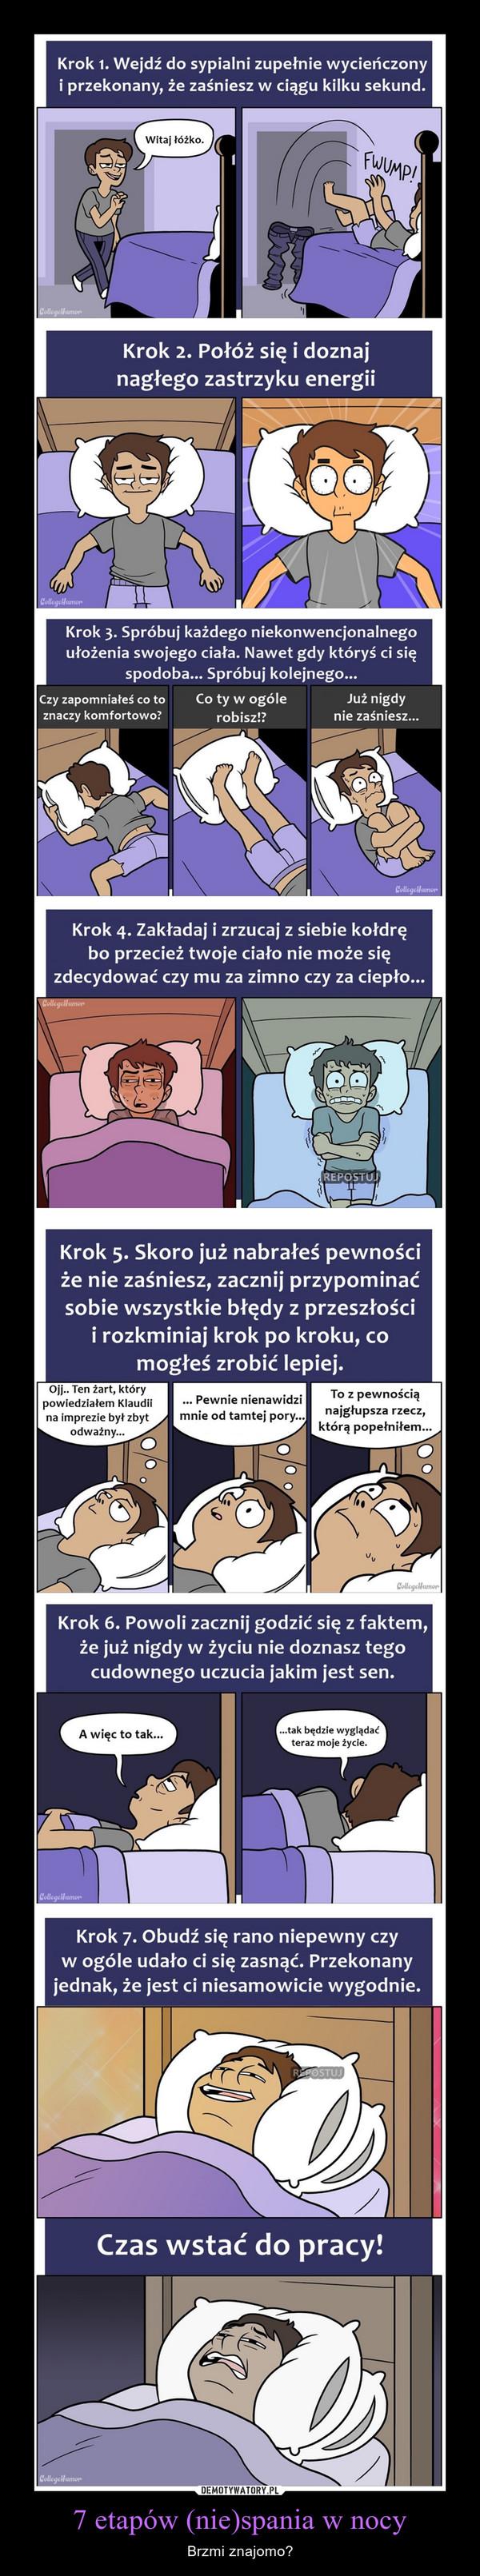 7 etapów (nie)spania w nocy – Brzmi znajomo?